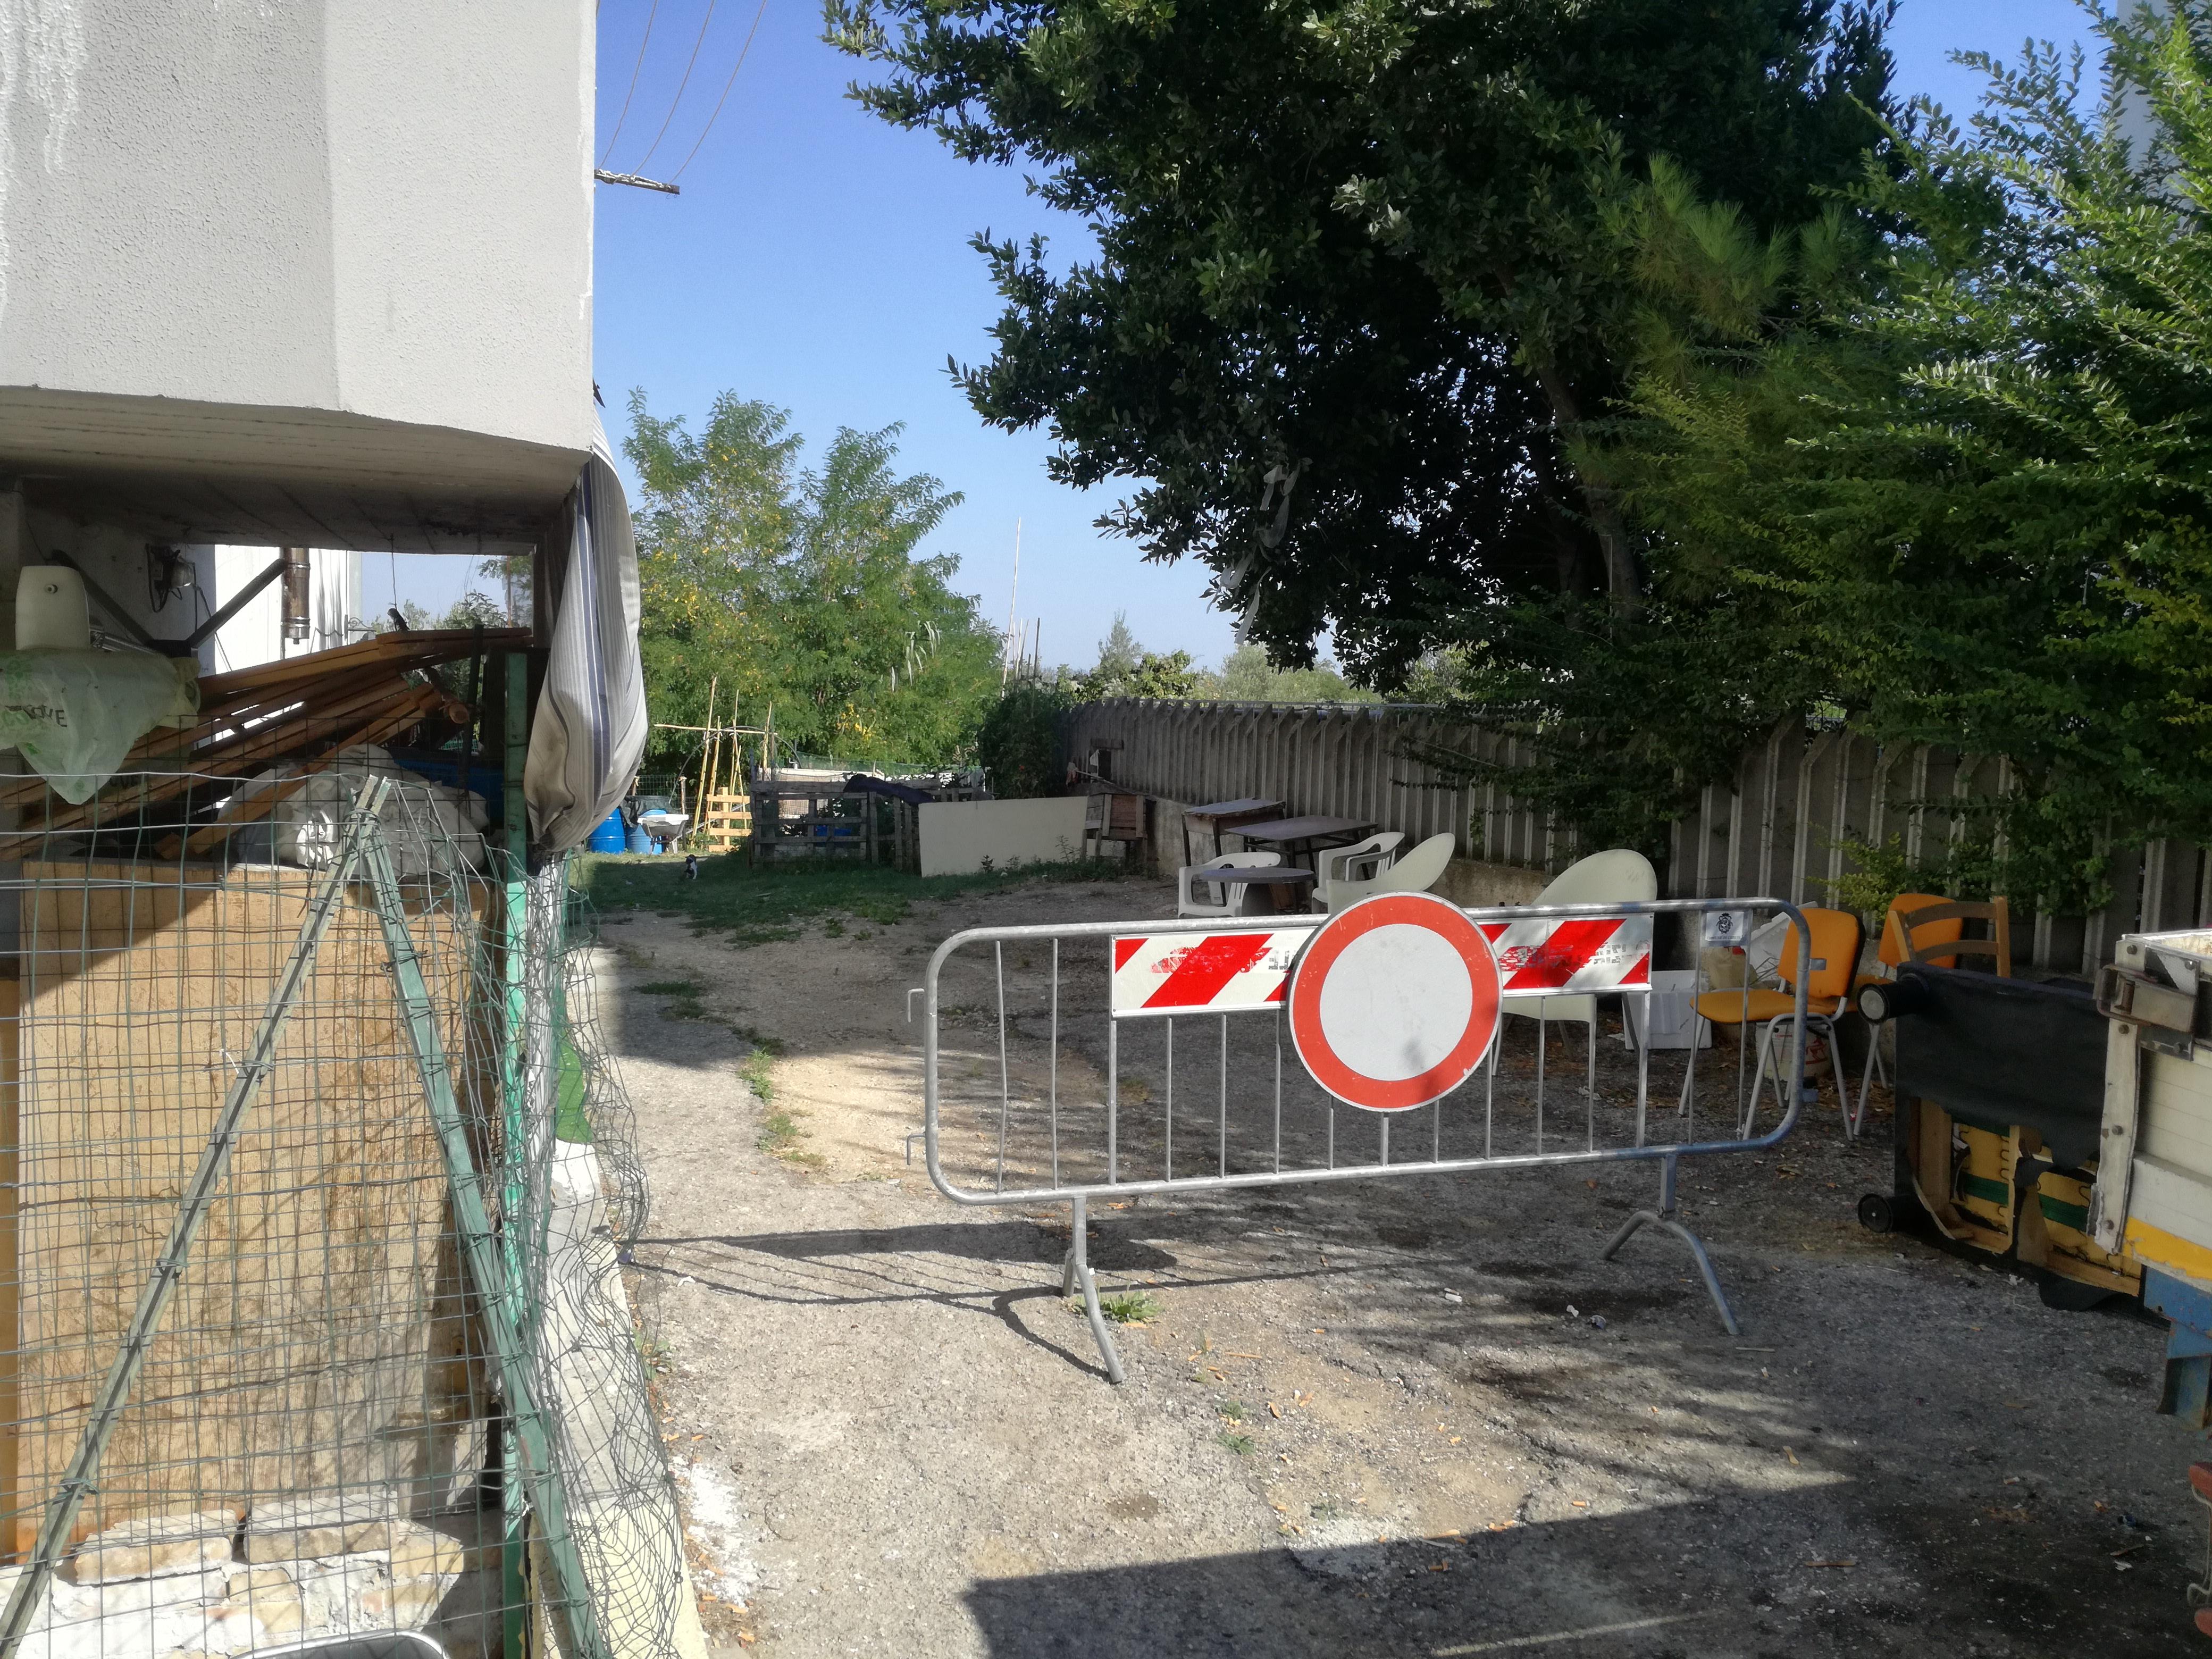 Chieti: Palazzo transennato in Via degli Ernici